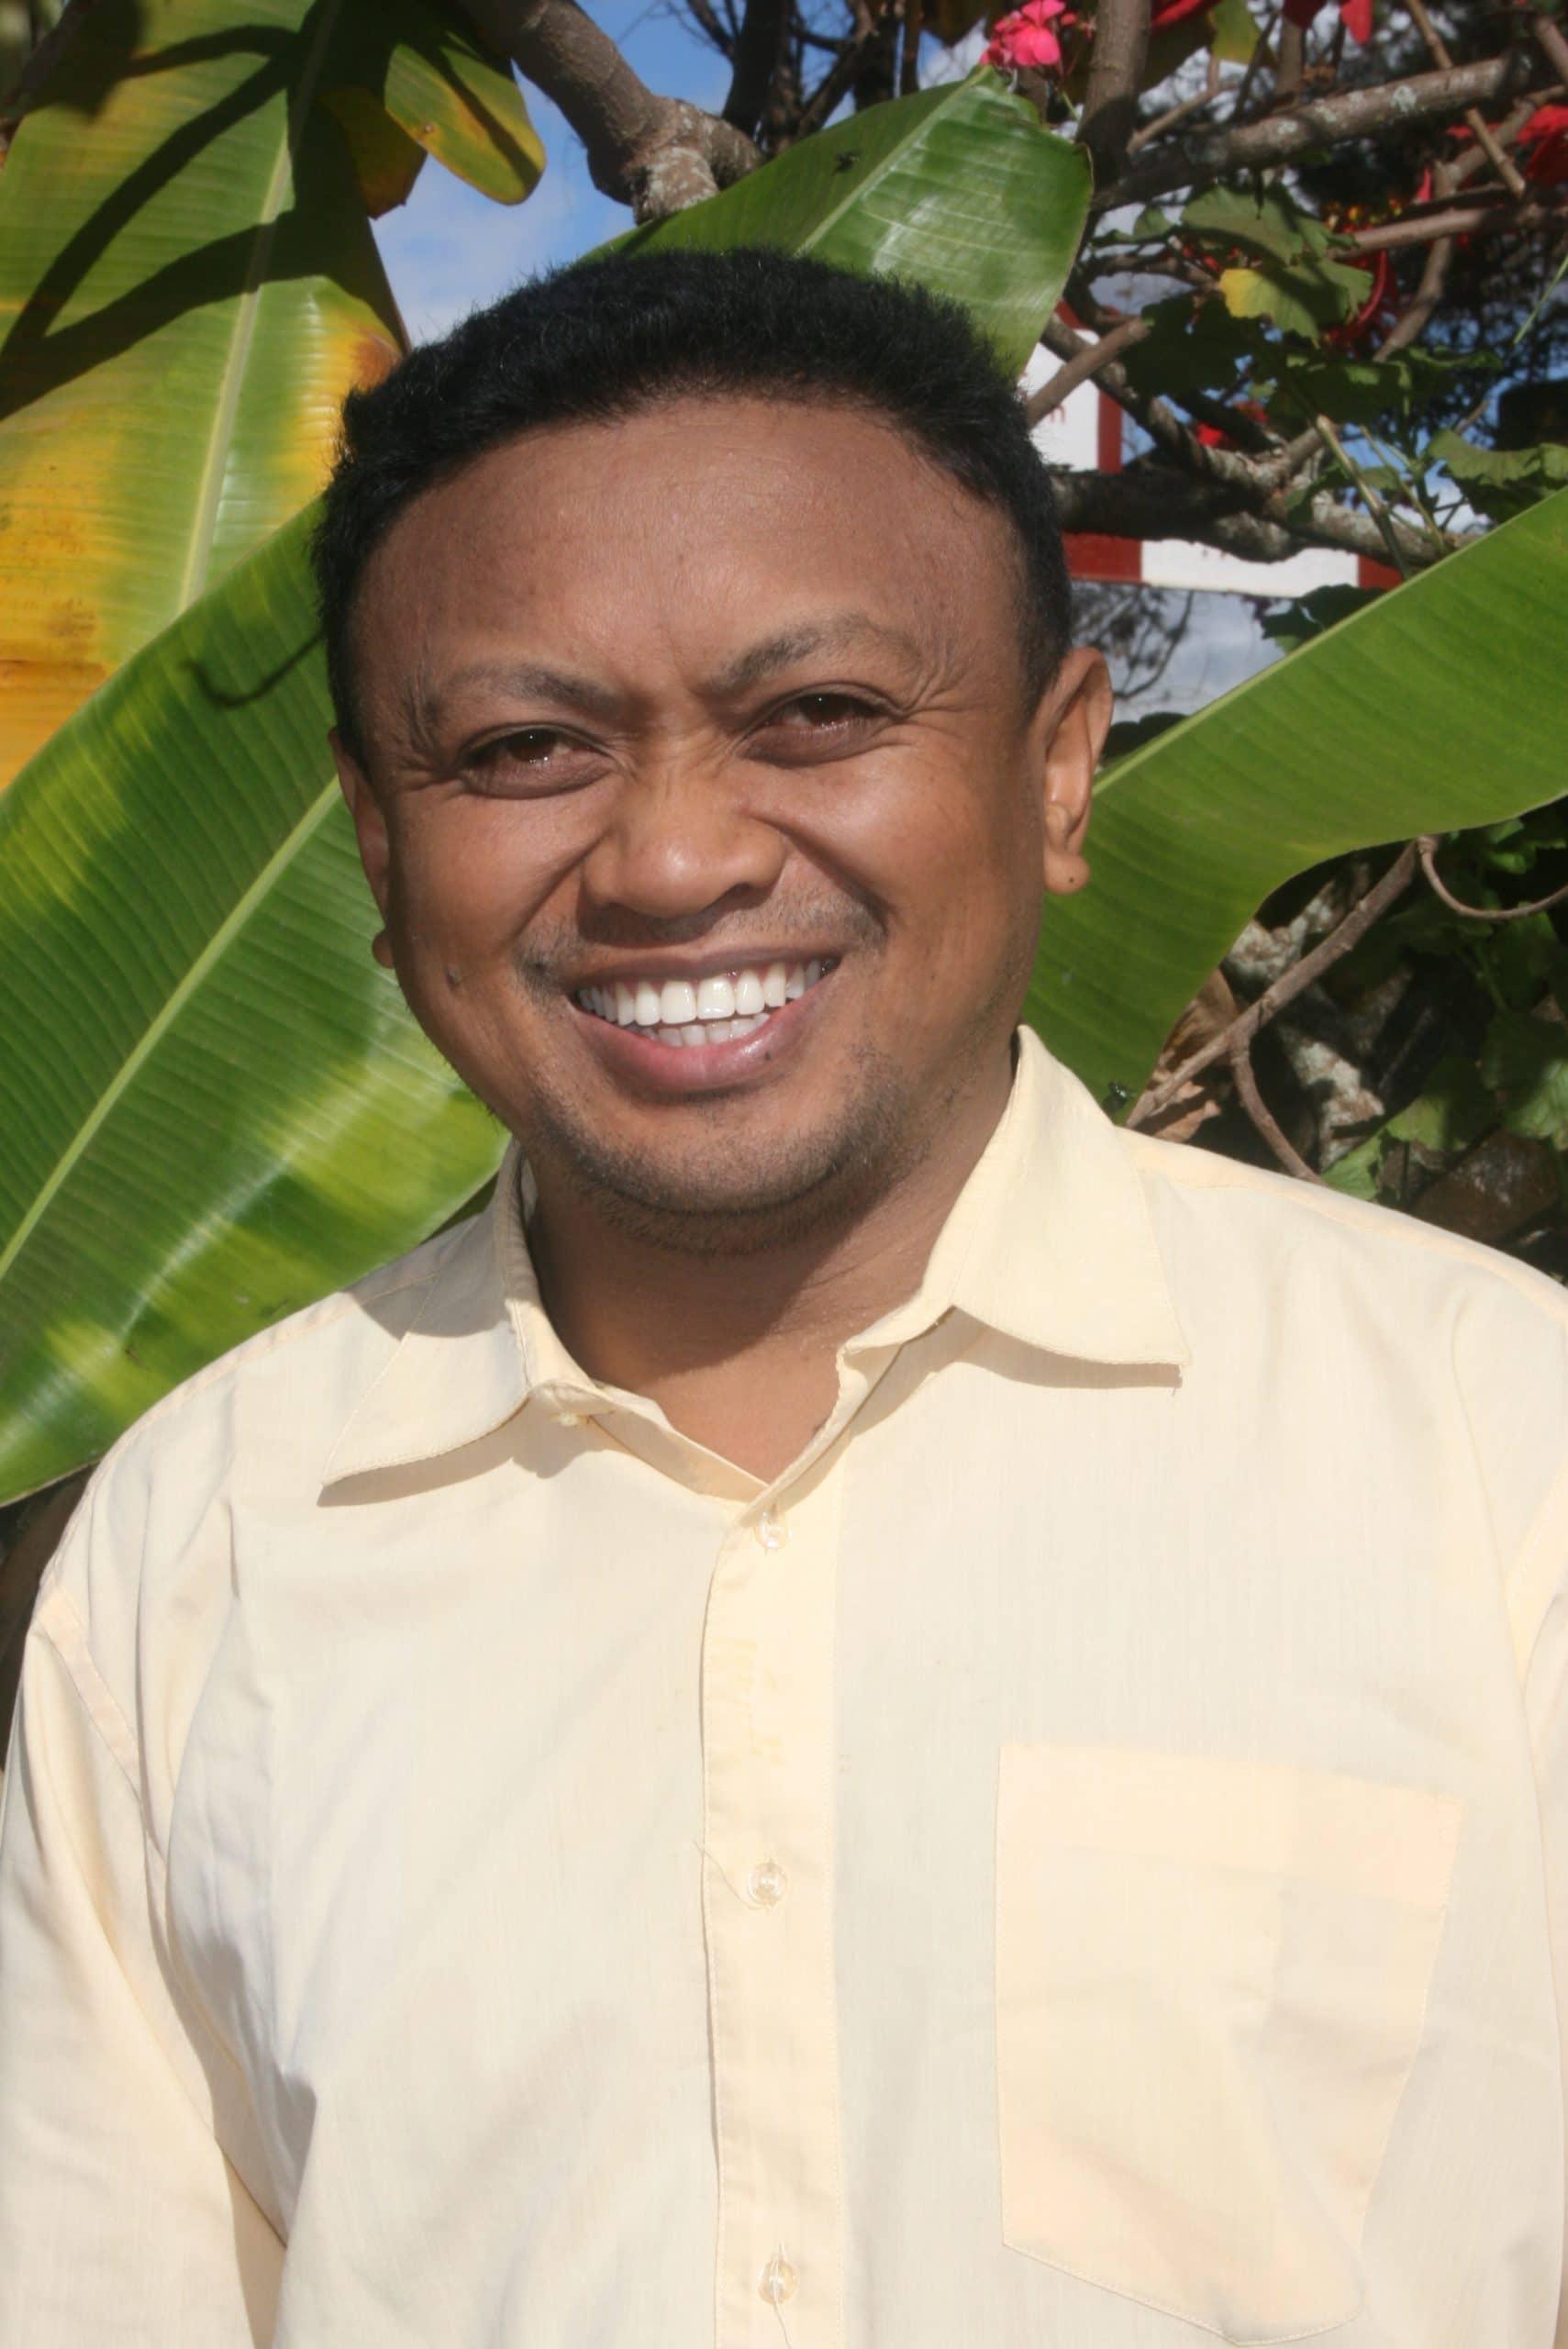 Entretien avec Gérard Andriamandimby,  Directeur du Réseau  Syndicat des organisations agricoles (Soa)  à Madagascar